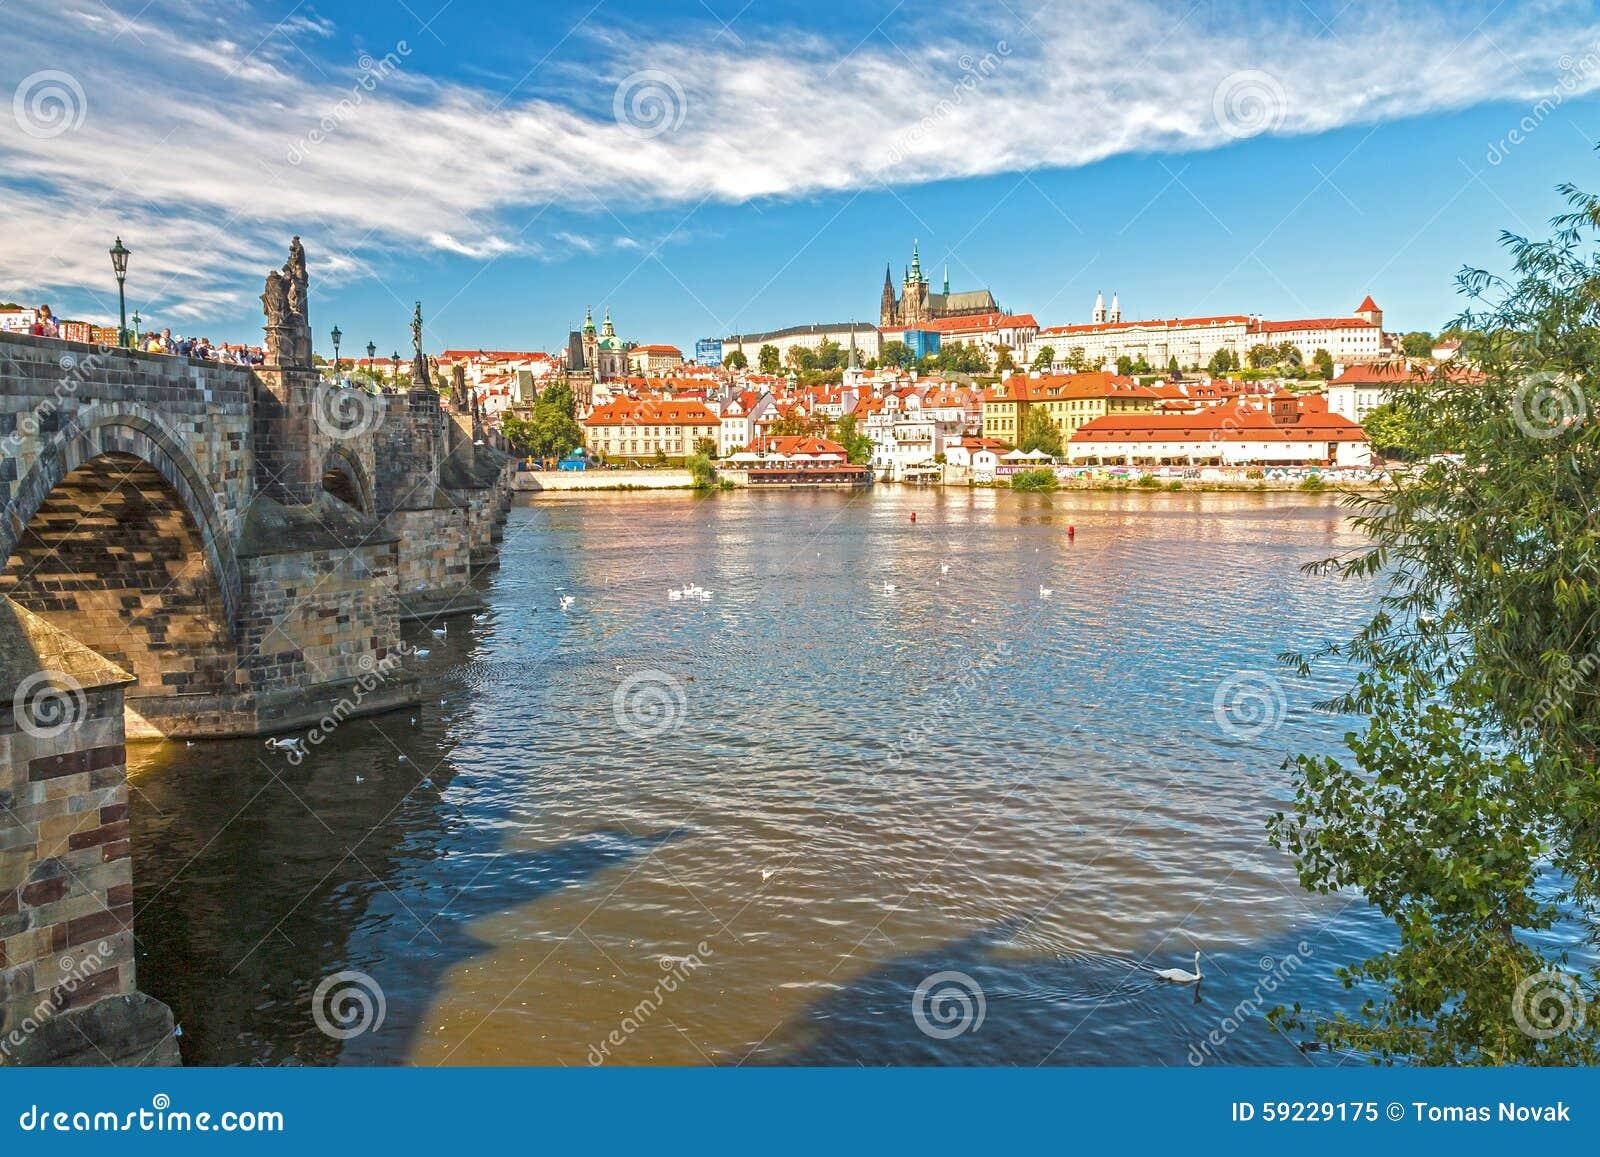 Download Castillo De Praga Y Puente De Charles Imagen de archivo - Imagen de edificio, misterio: 59229175